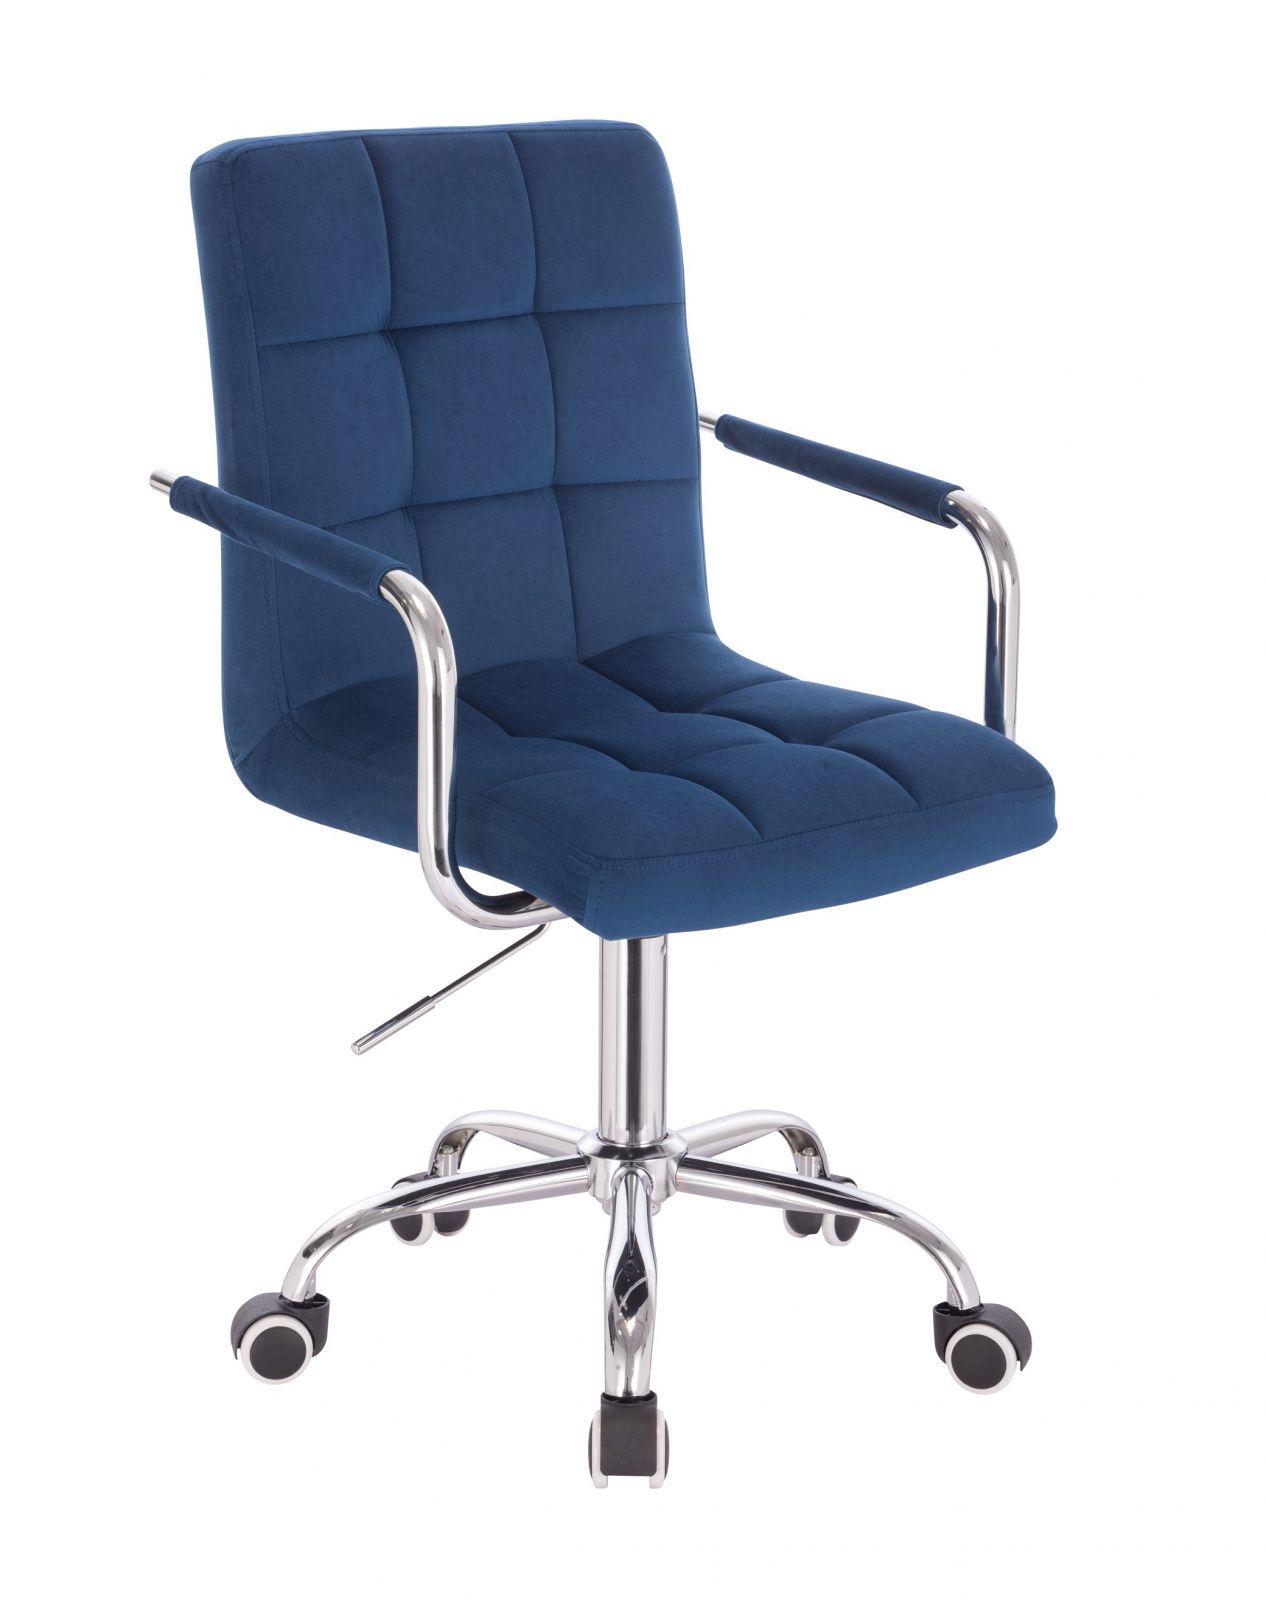 Kosmetická židle VERONA VELUR na stříbrné podstavě s kolečky - modrá